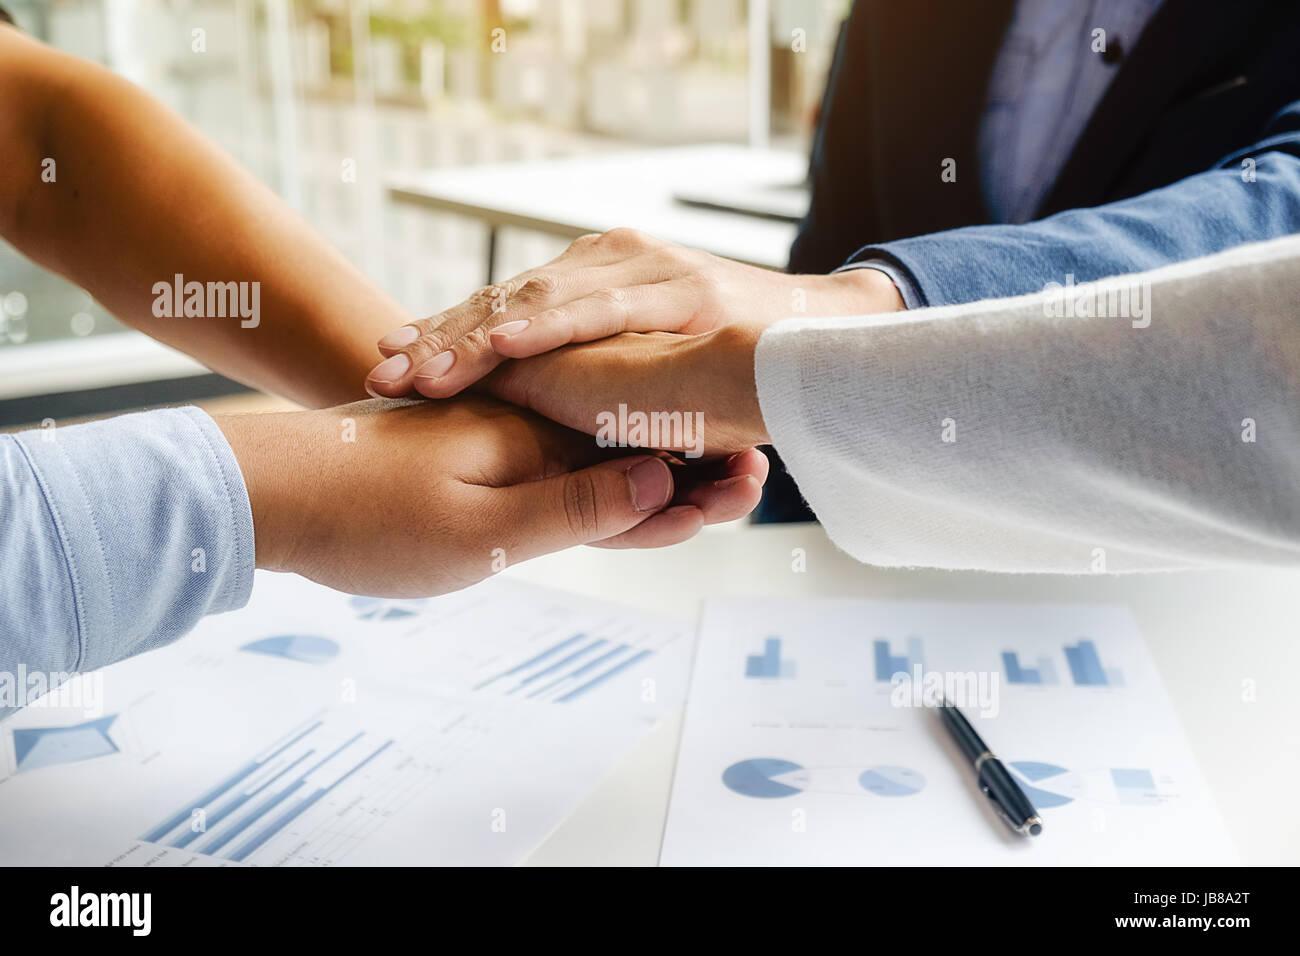 Trabajo en equipo unir nuestras manos soporte juntos concepto. Compañero de equipo empresarial Reunión Imagen De Stock